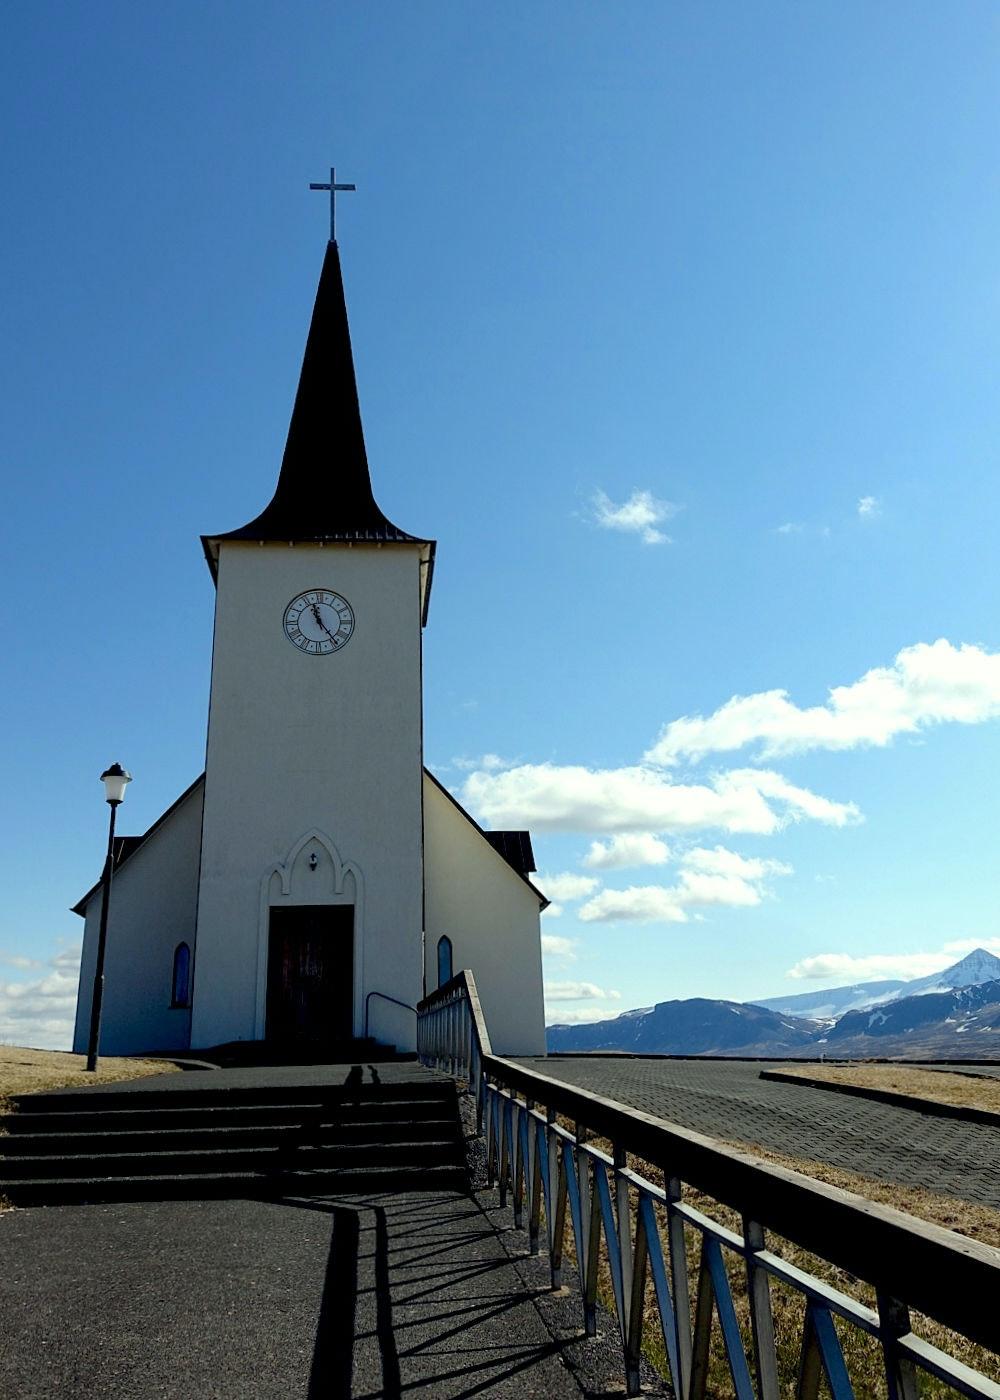 冰岛西部博尔加内斯小镇教堂